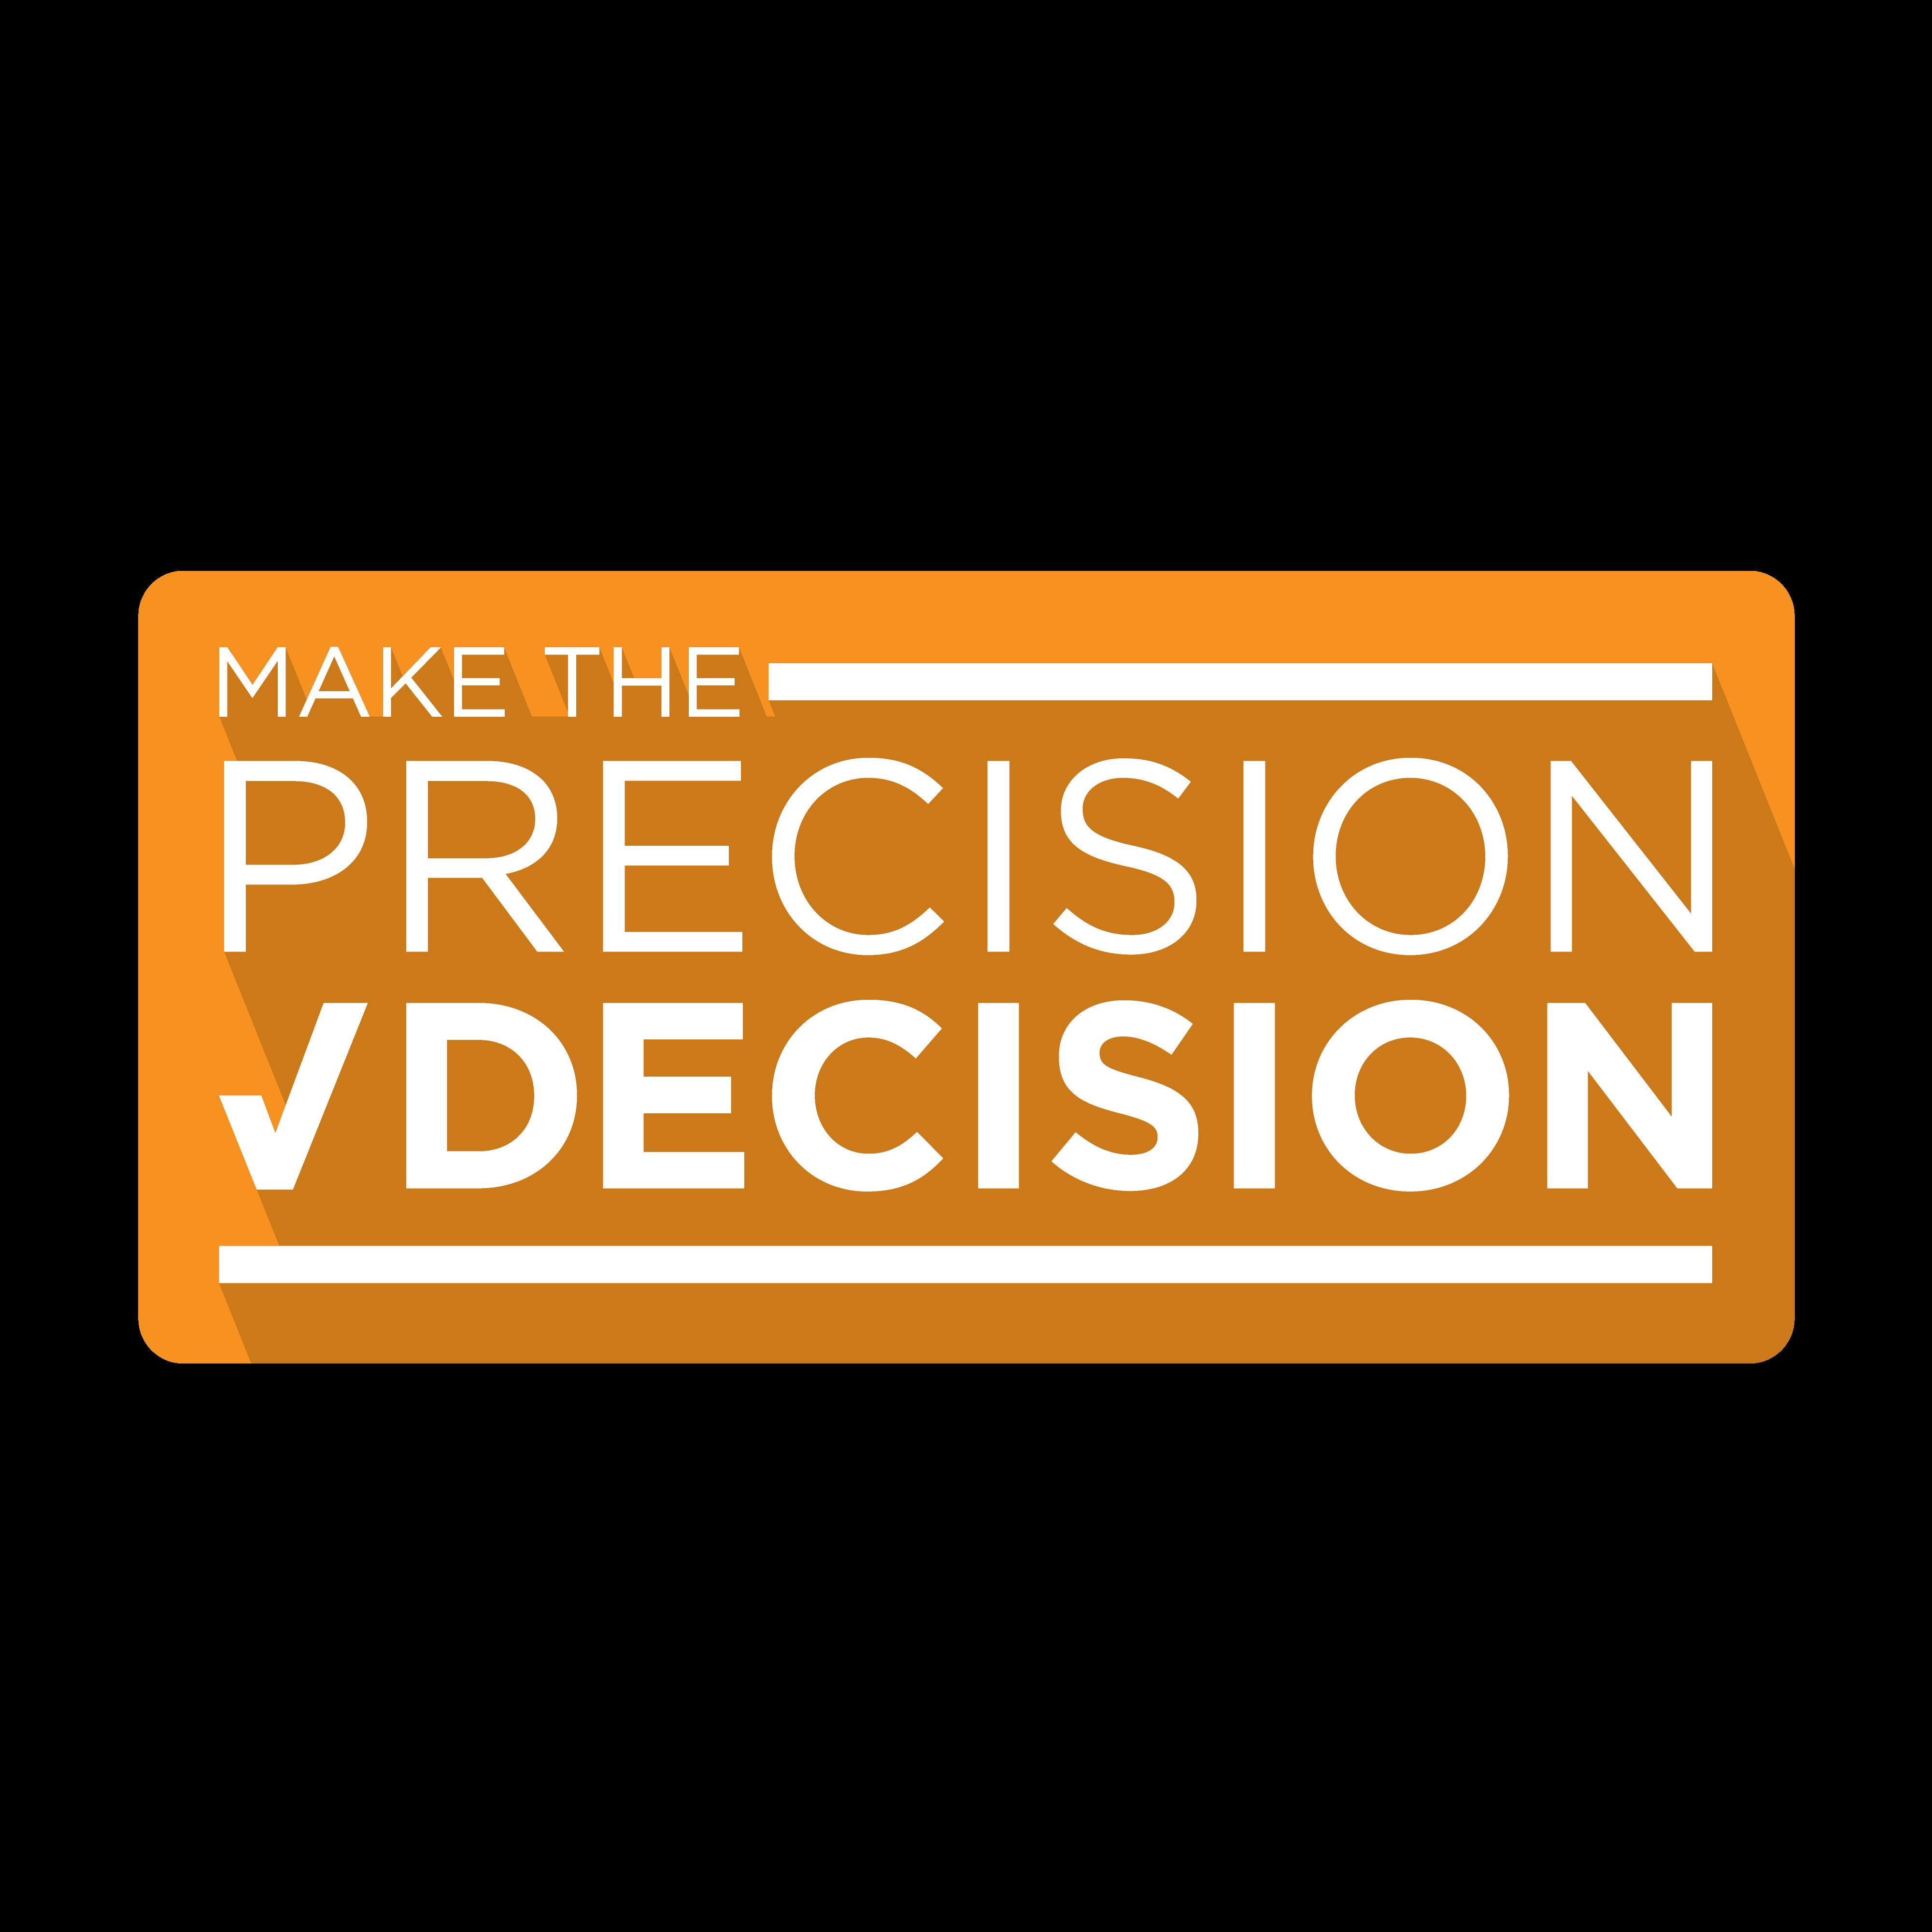 Make the Precision decision